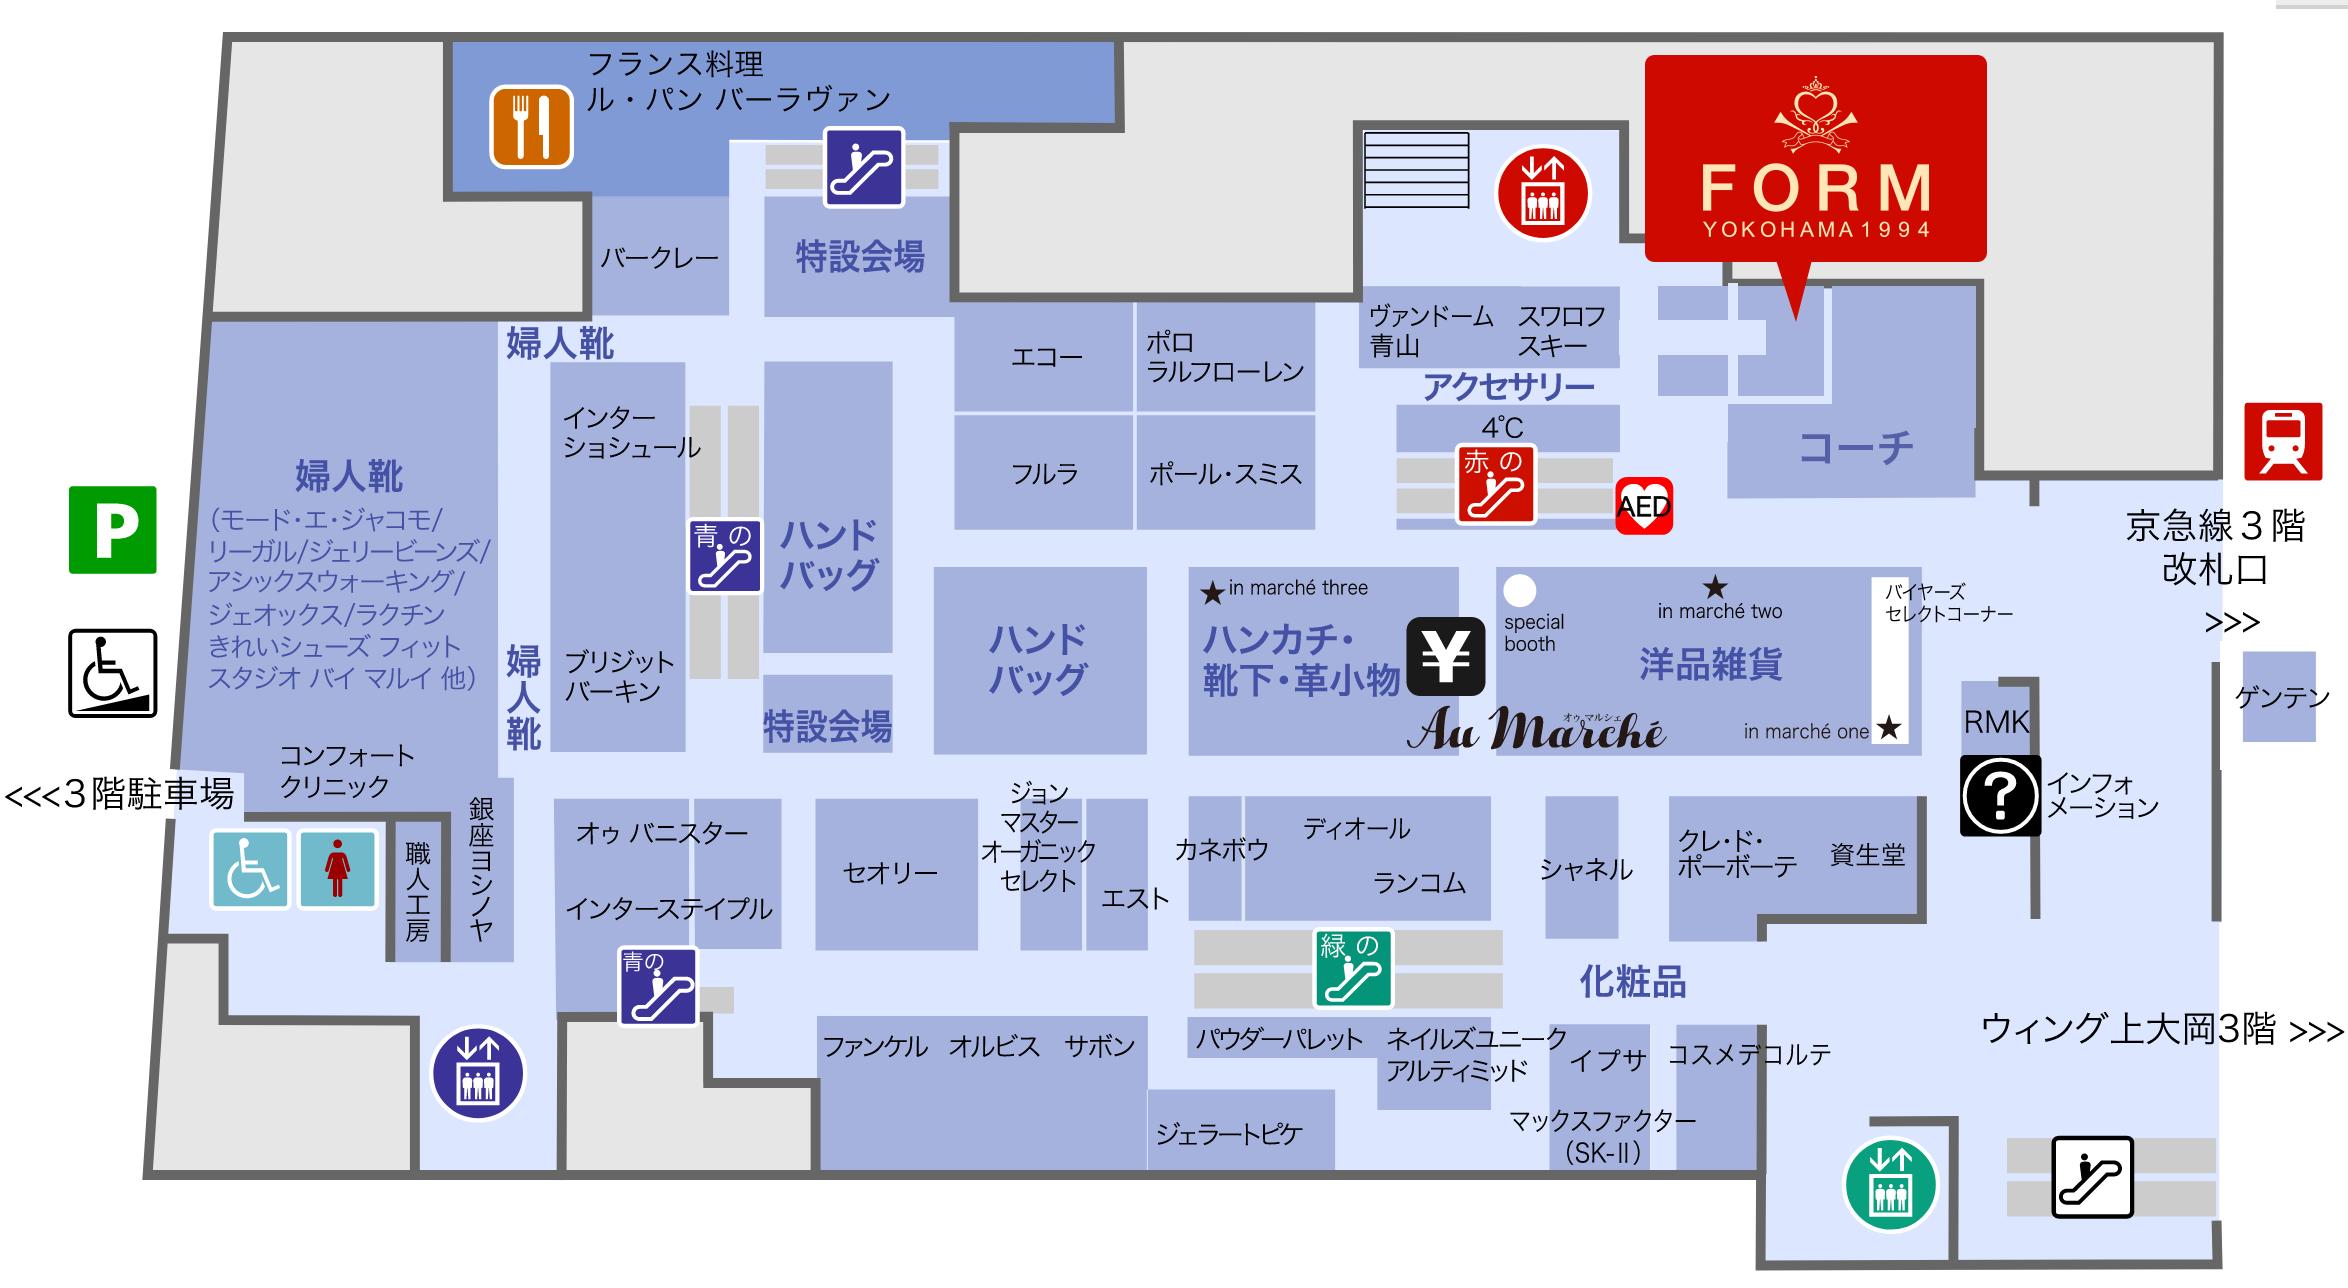 上大岡京急百貨店3階フロアマップ